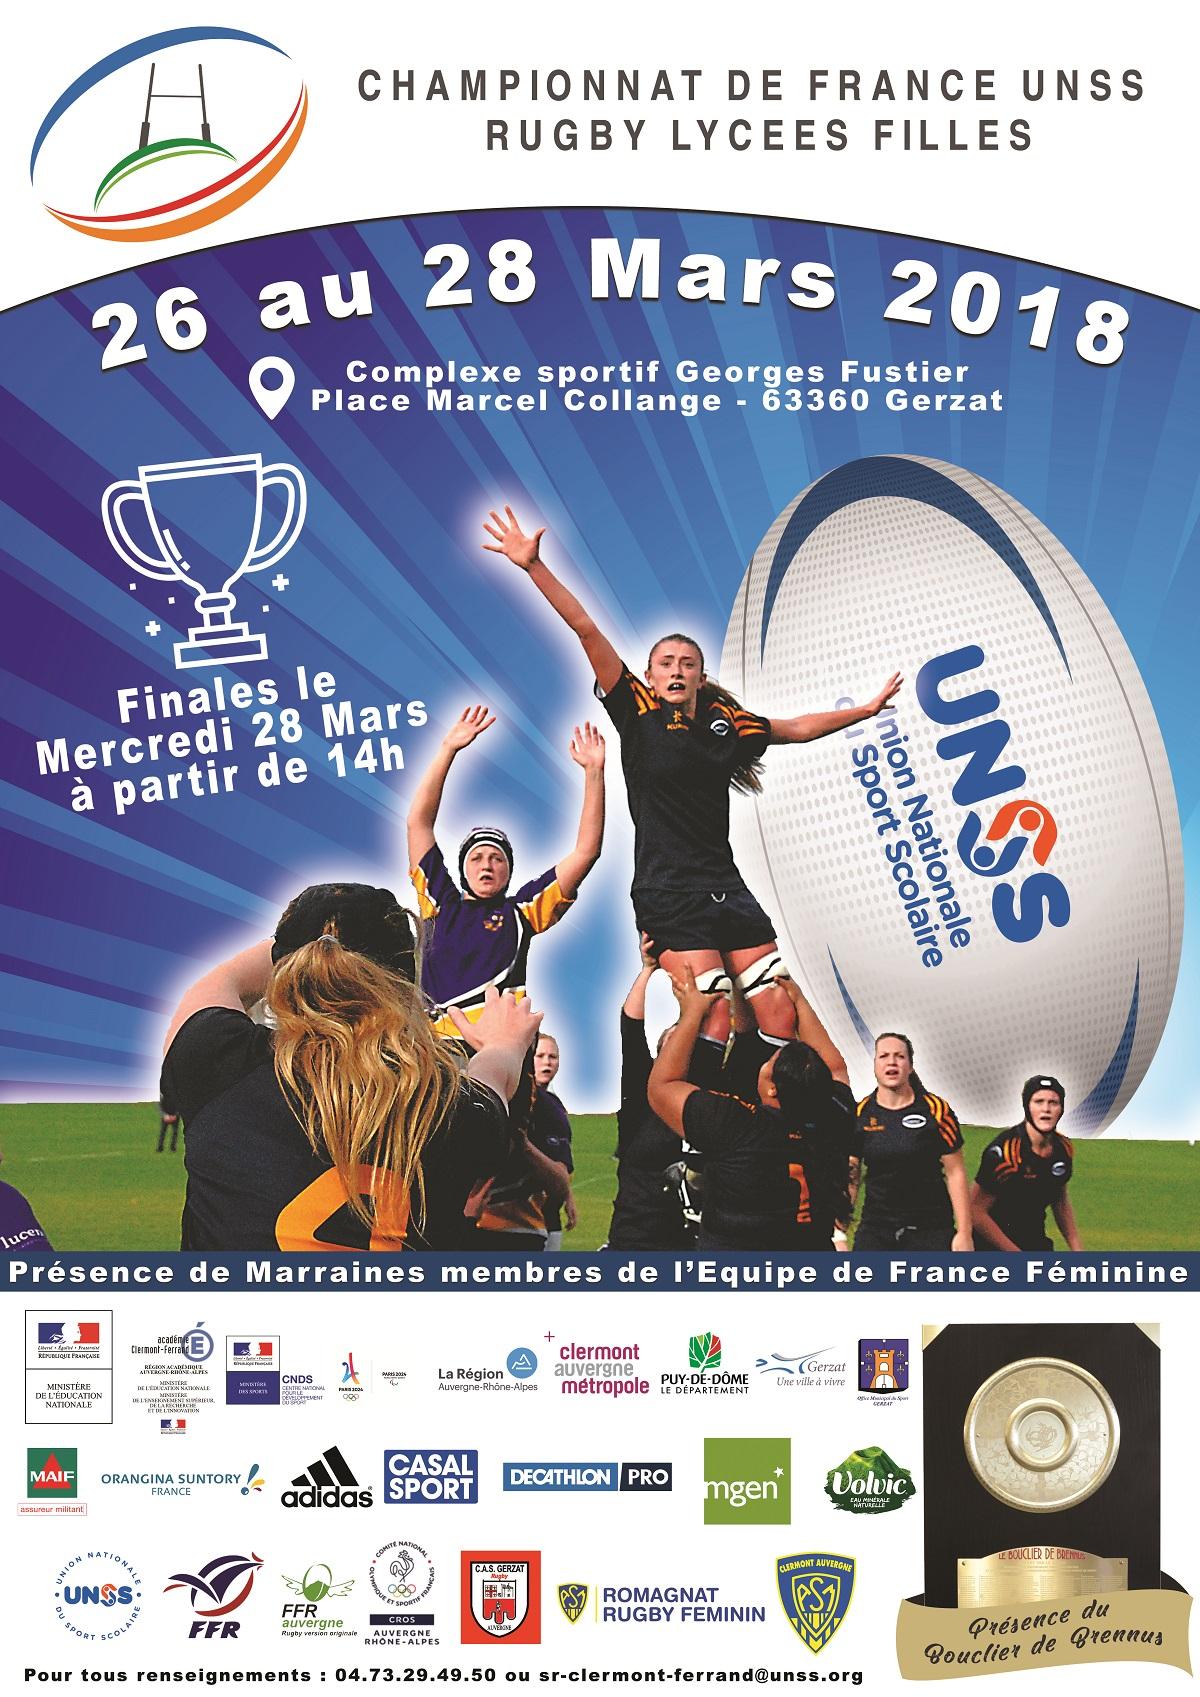 Championnat de France UNSS de rugby lycées filles à Gerzat